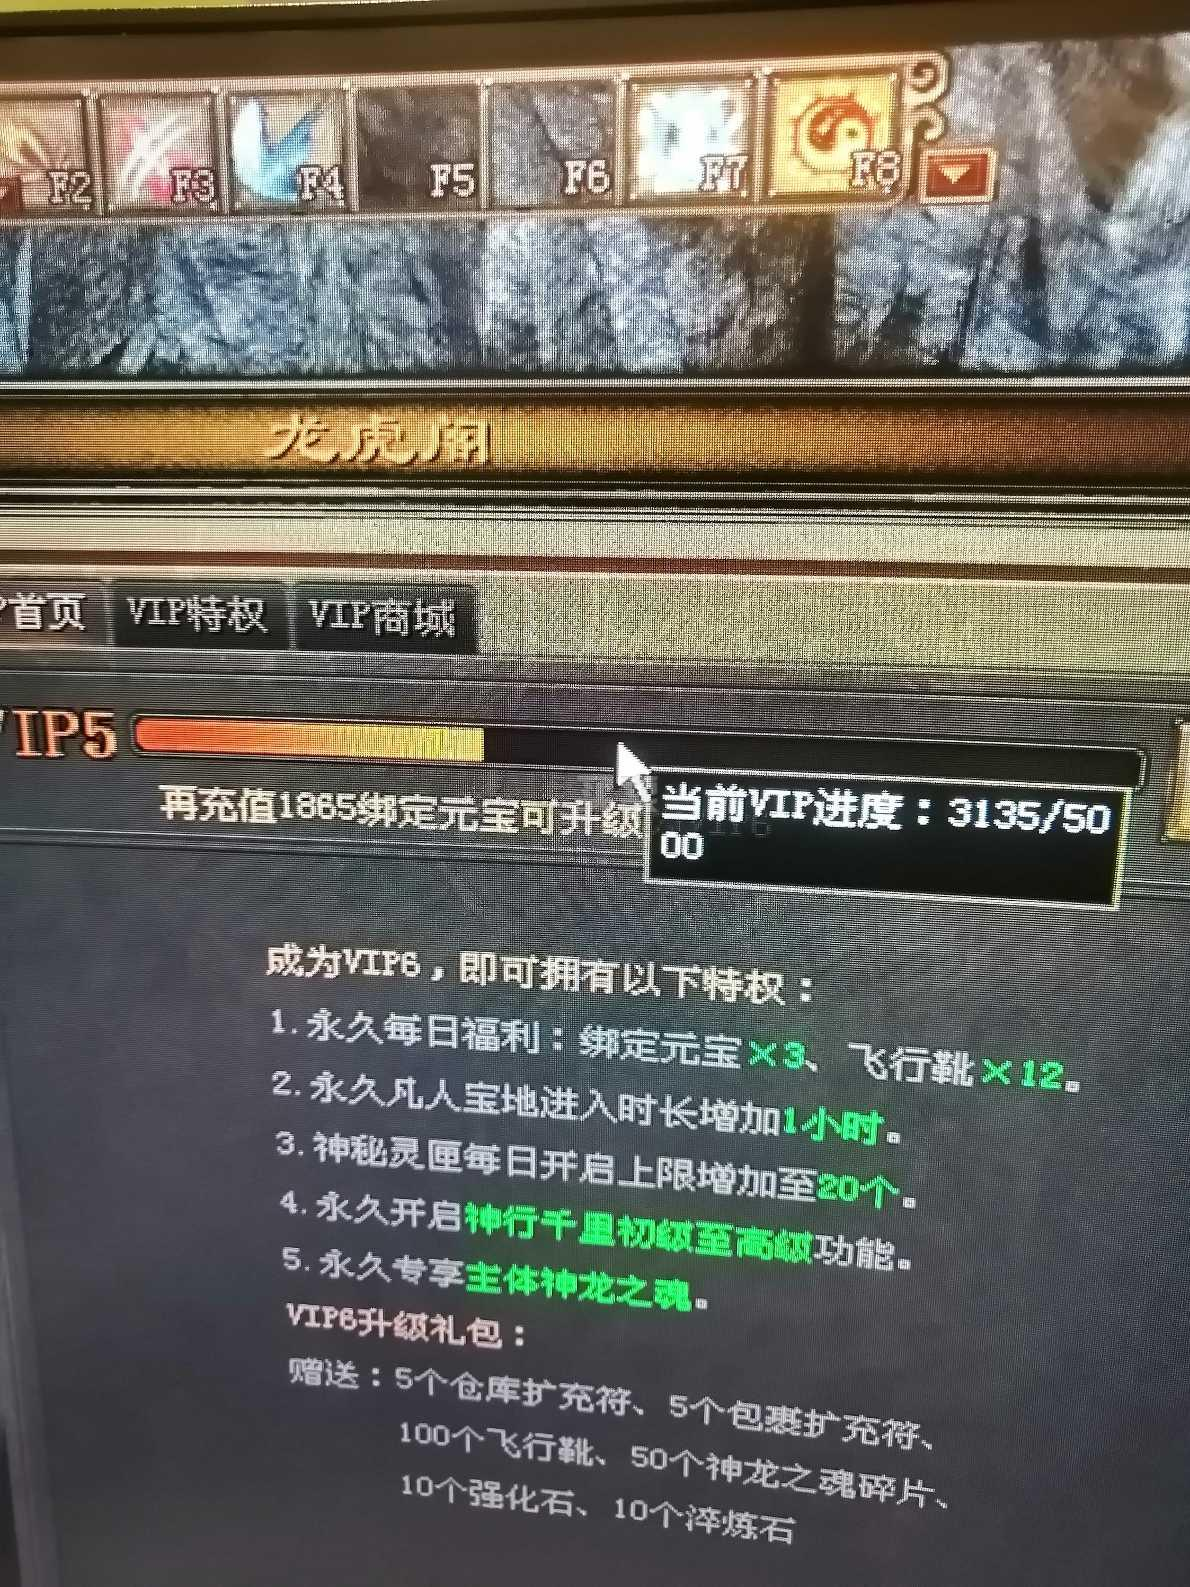 传奇世界-账号-[战士57级]v5,3级龙背强一淬一  套!特价!特价这么便宜没人买吗